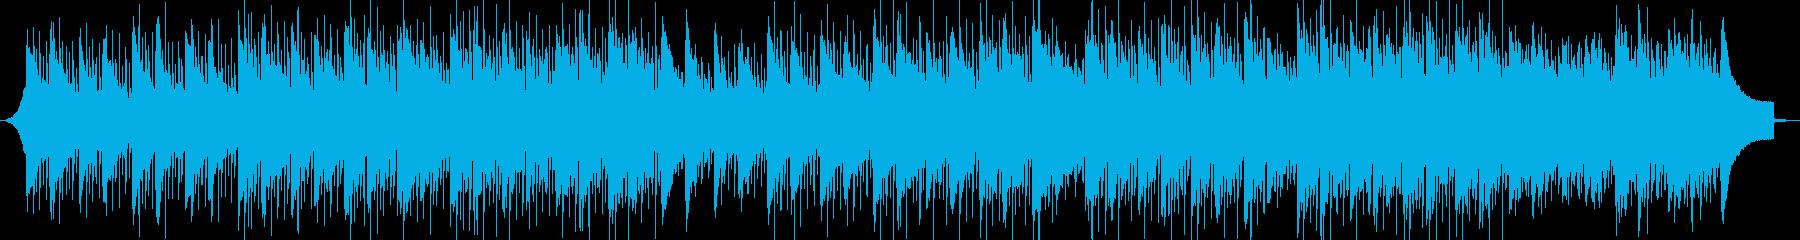 アンビエント トランス コーポレー...の再生済みの波形